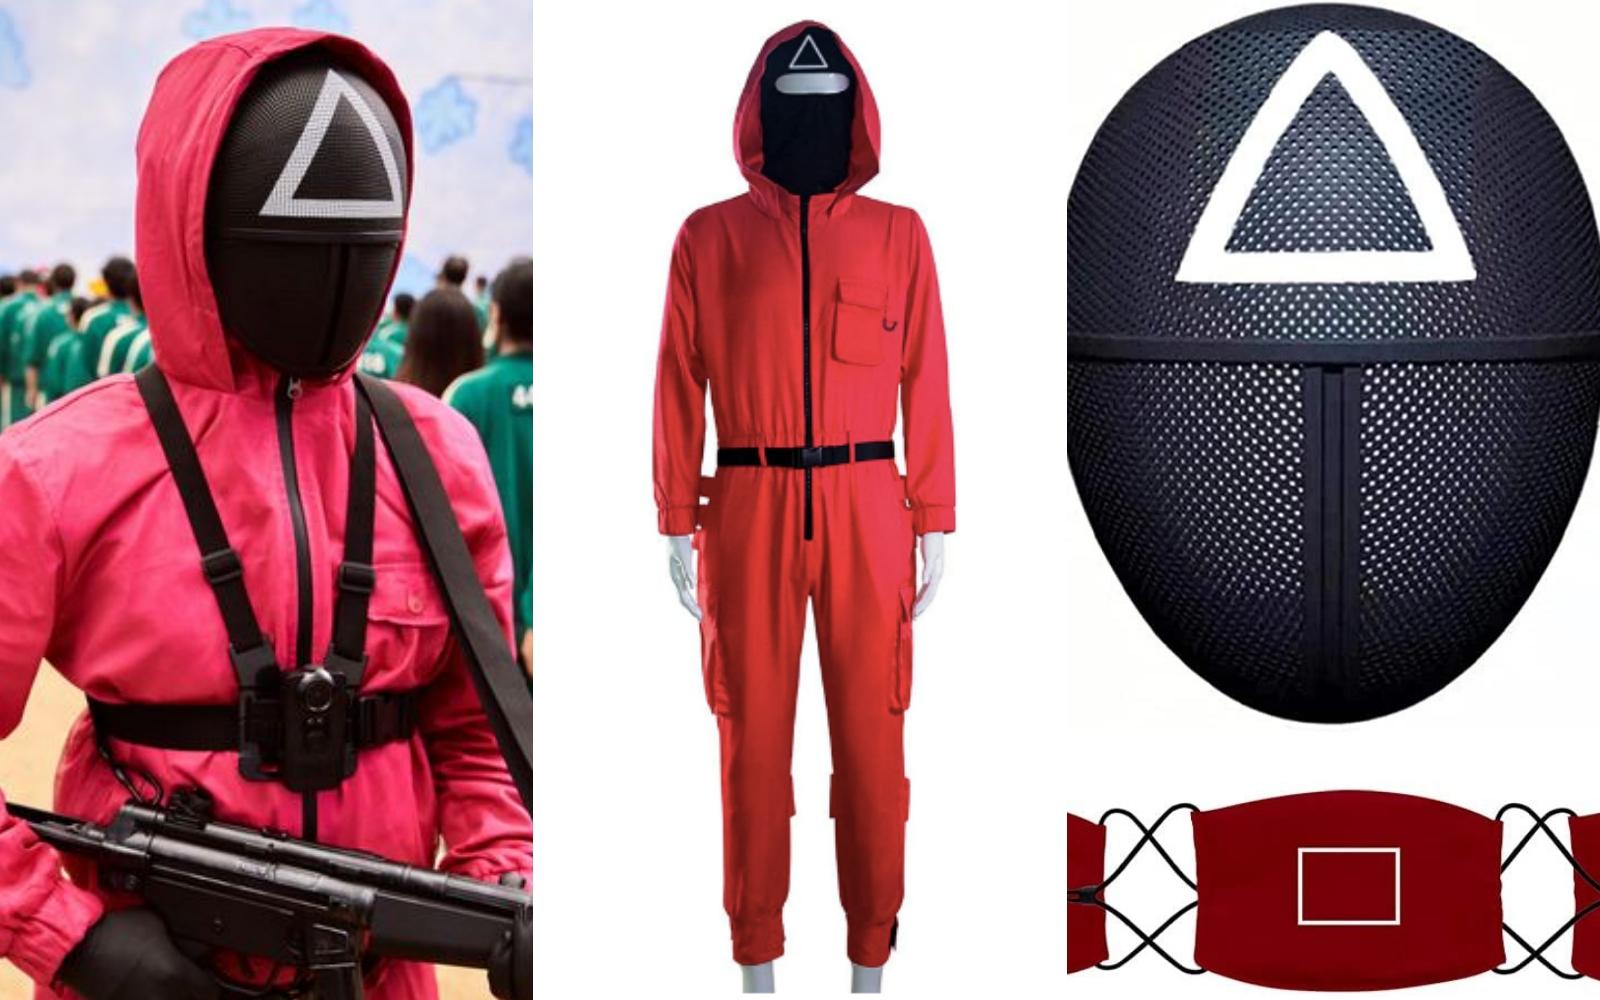 Trang phục Squid Game được săn lùng cho dịp Halloween - 1